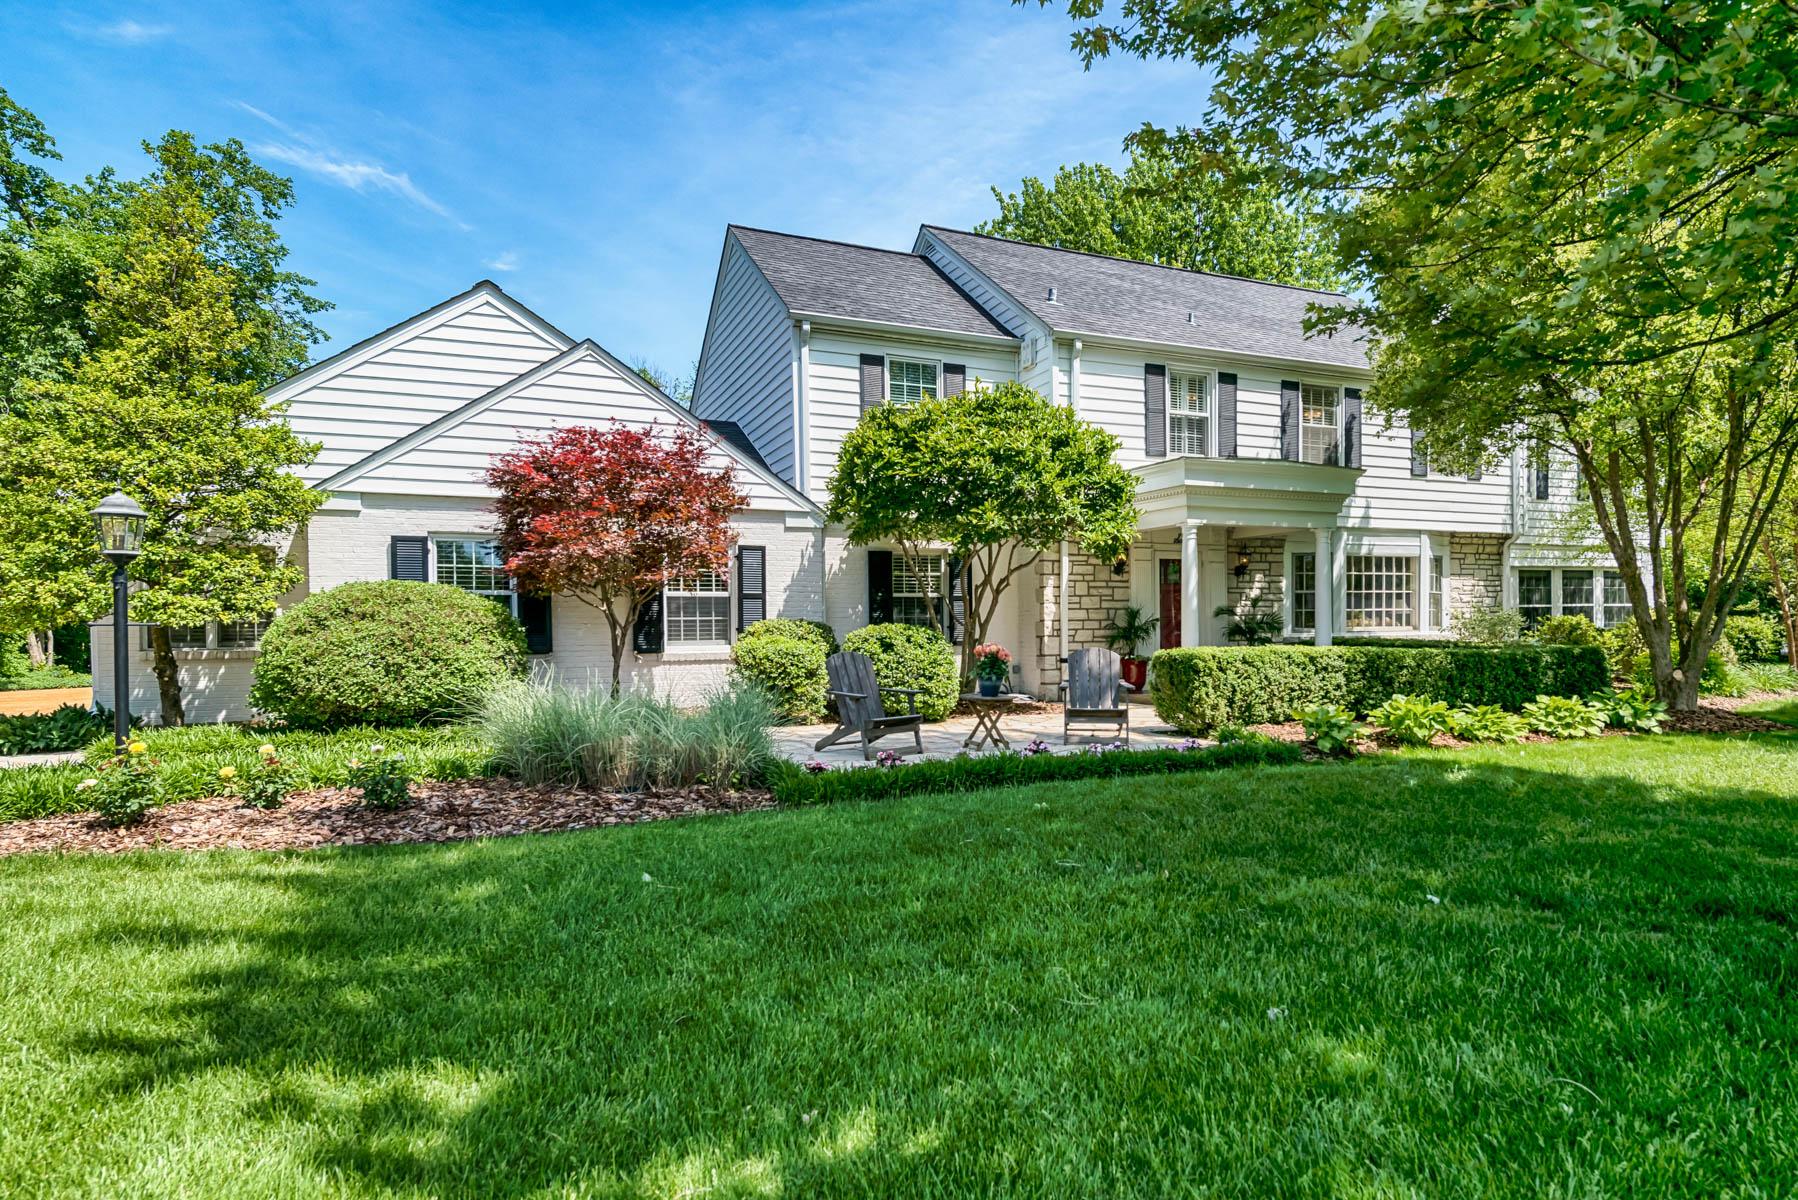 Casa para uma família para Venda às Fox Meadows 6 Fox Meadows Lane Sunset Hills, Missouri, 63127 Estados Unidos